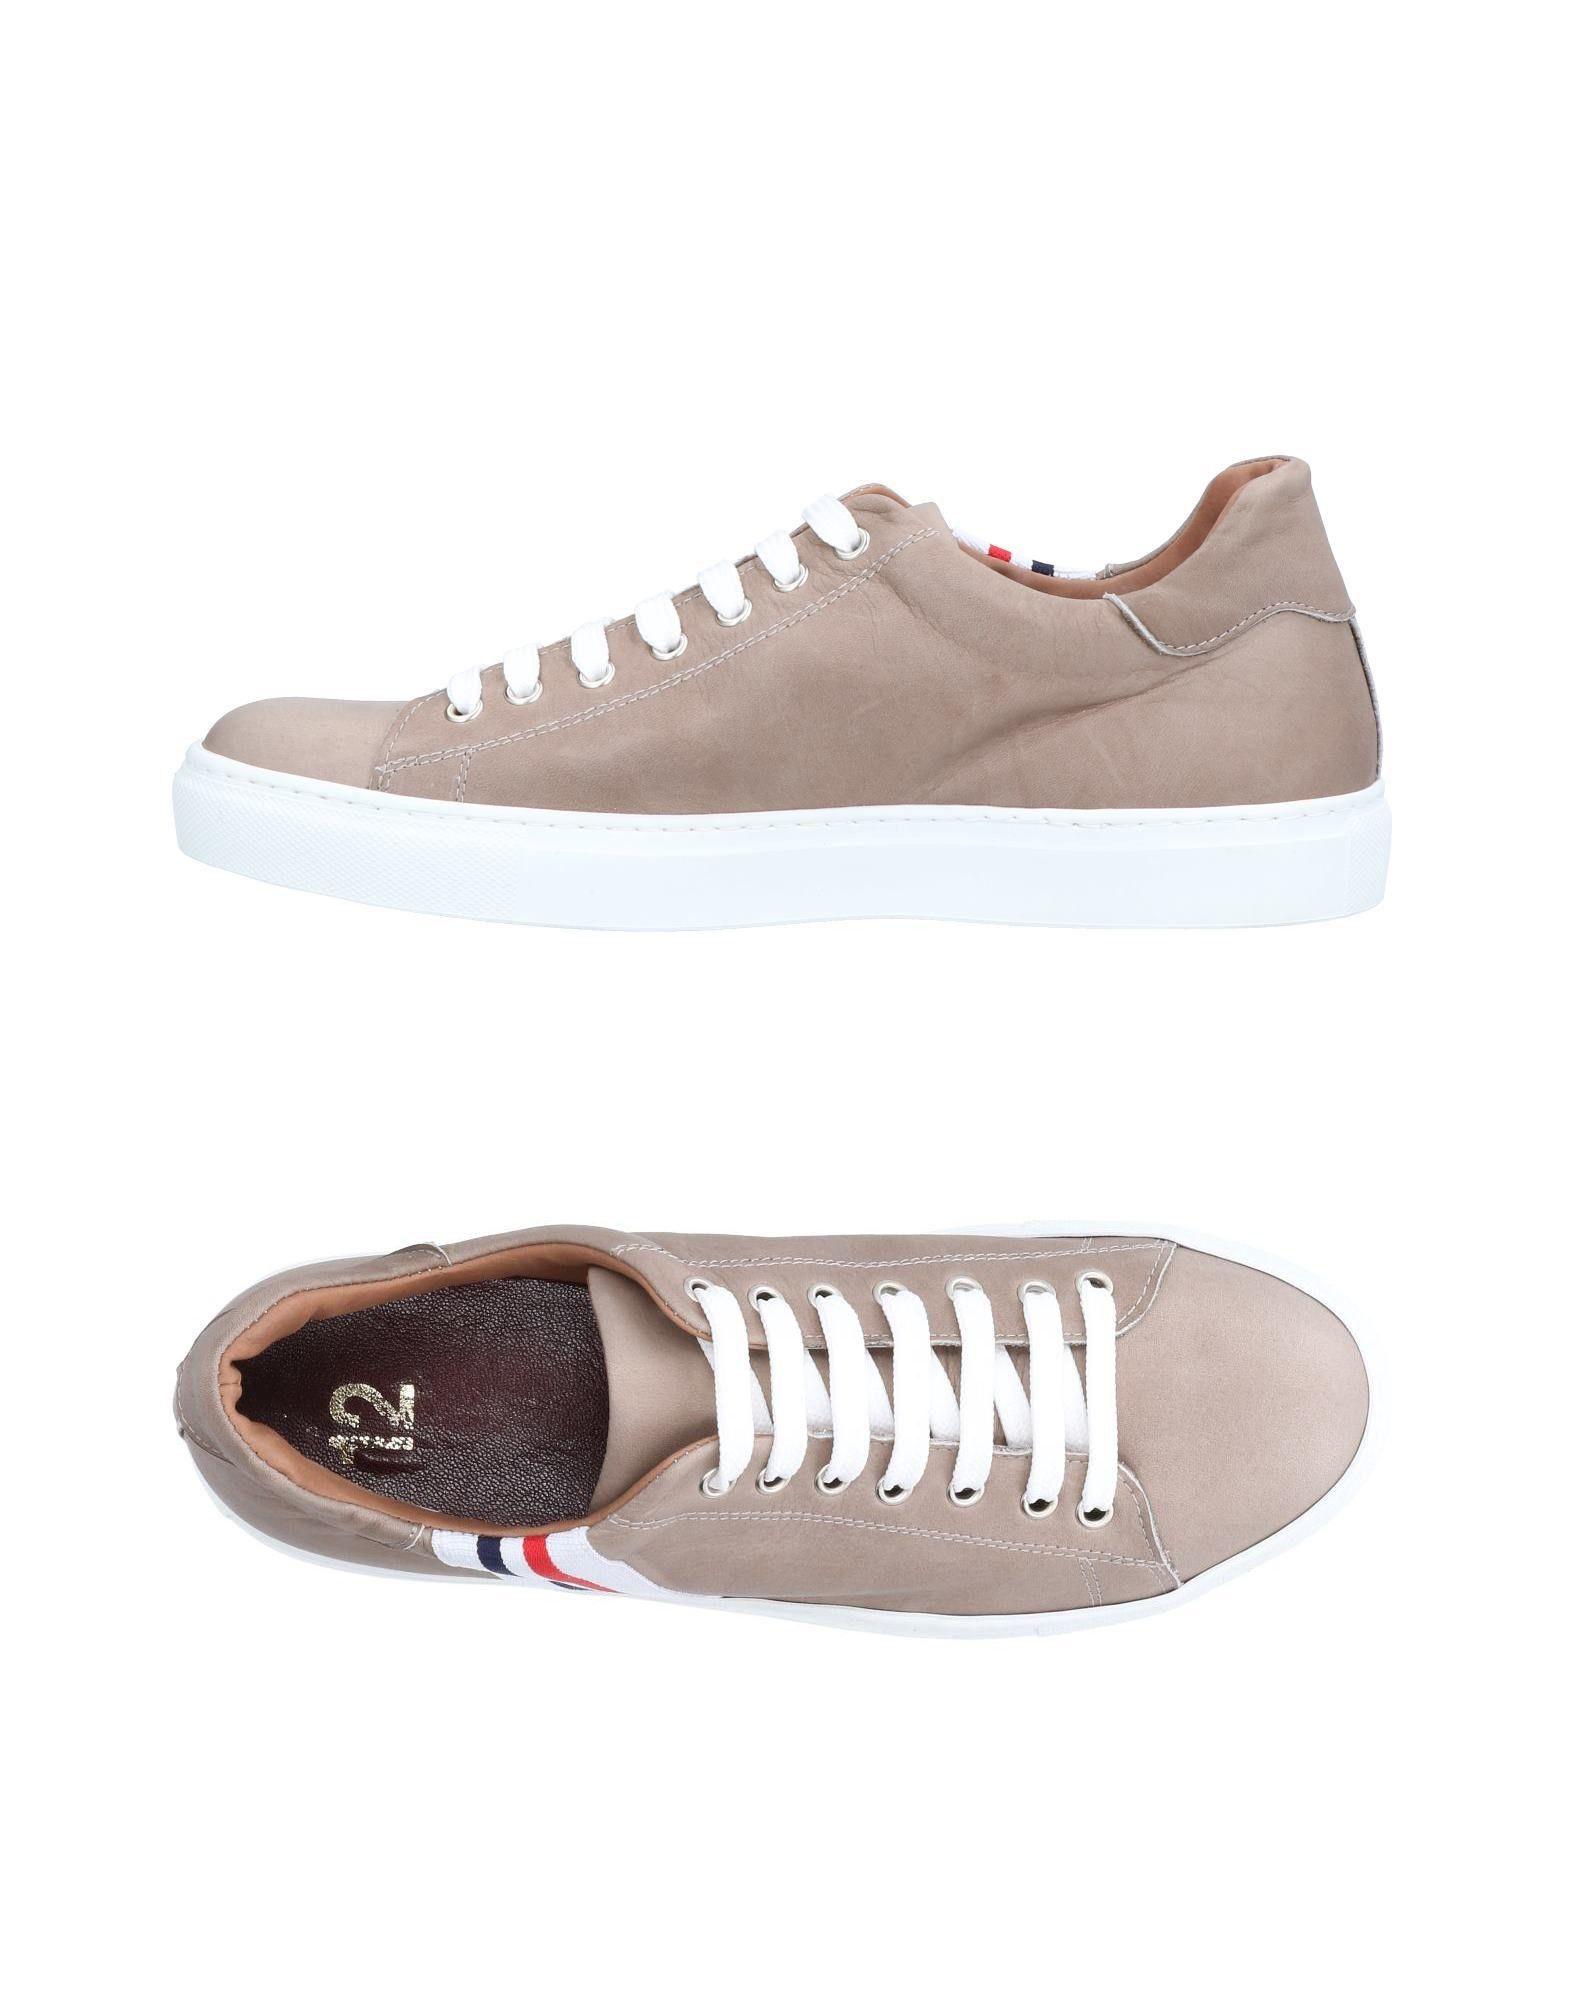 Tsd12 Sneakers  - Men Tsd12 Sneakers online on  Sneakers Canada - 11504265CV 46356a